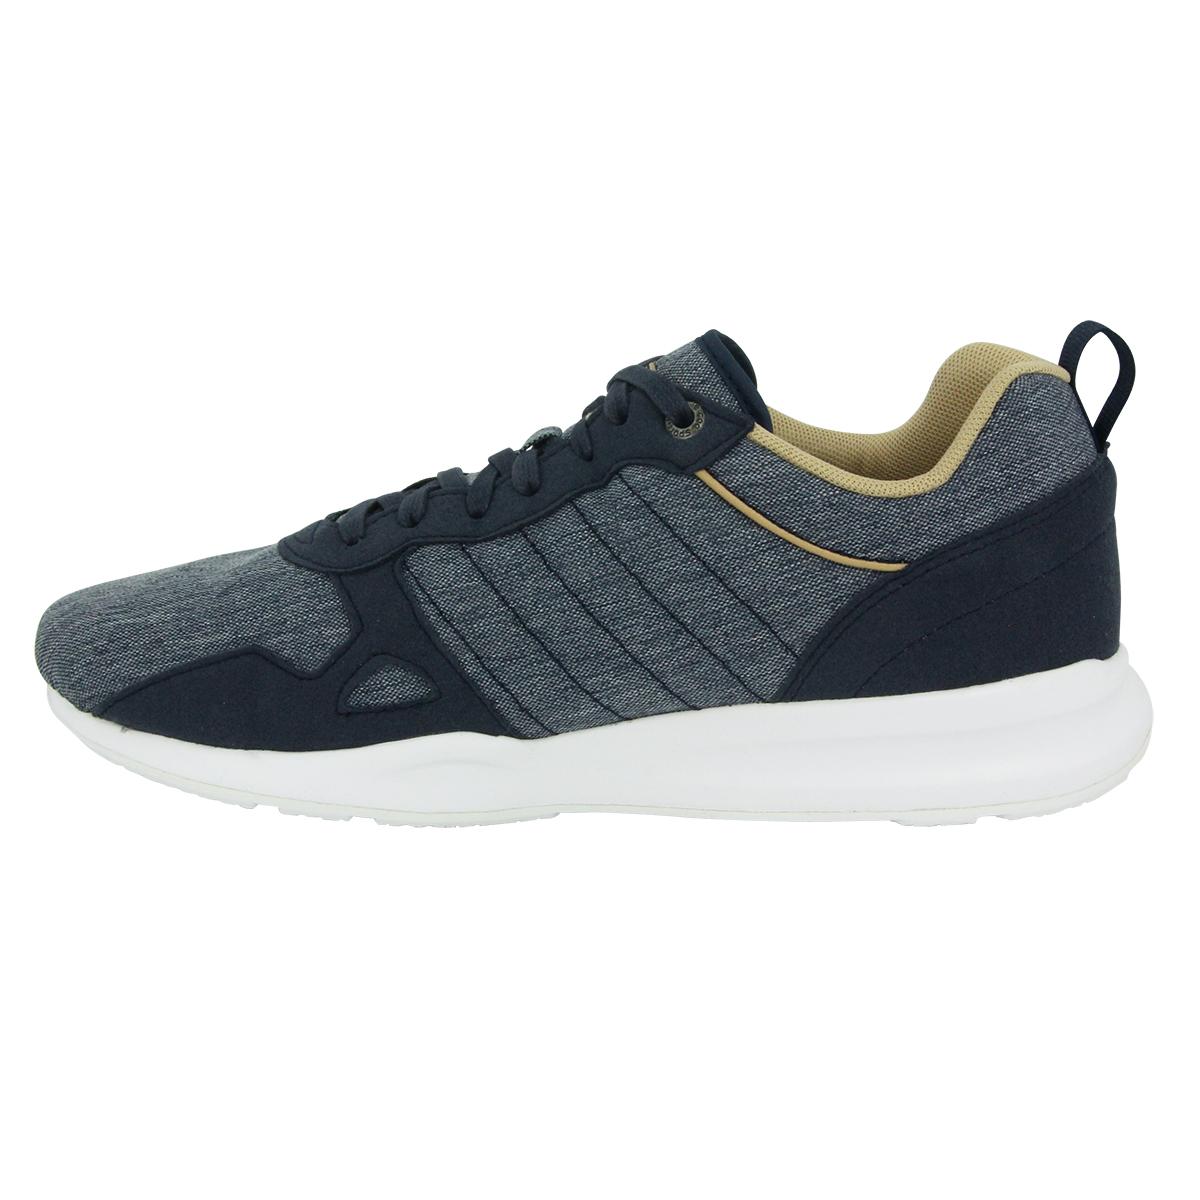 Le Coq Sportif R600 2 TONES Chaussures Mode Sneakers Sneakers Sneakers Homme | De Faire Le Meilleur Emploi De Matériaux Et Spécial Offre  acaf55